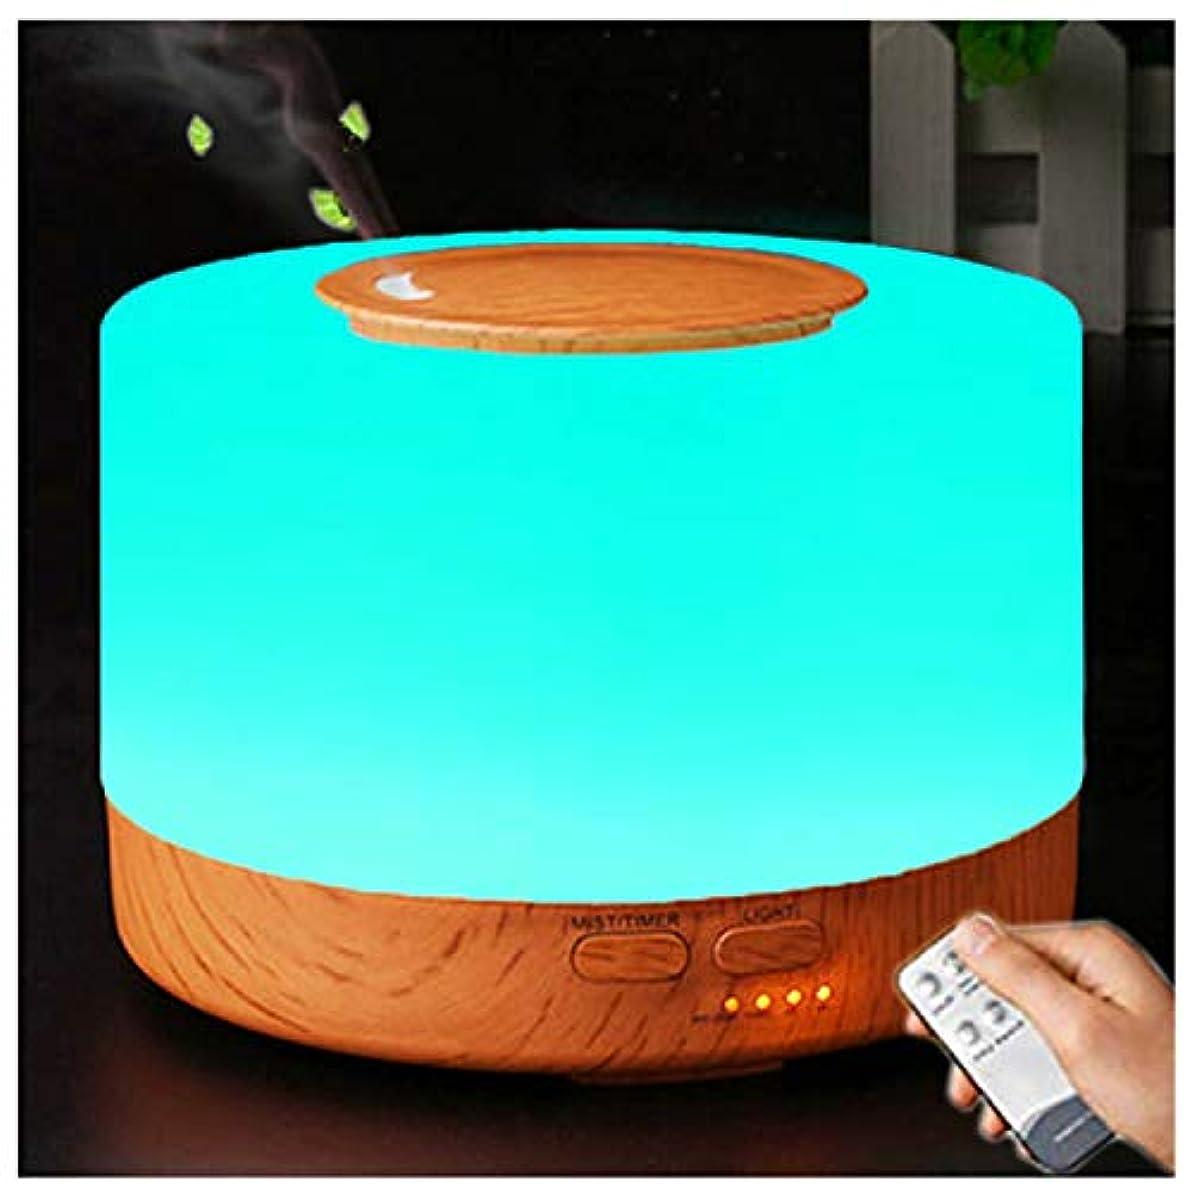 カーフコックバドミントンアロマディフューザー 加湿器, 卓上 大容量 超音波加湿器, 500ML 保湿 時間設定 空焚き防止 7色変換LED搭載 (木目調)